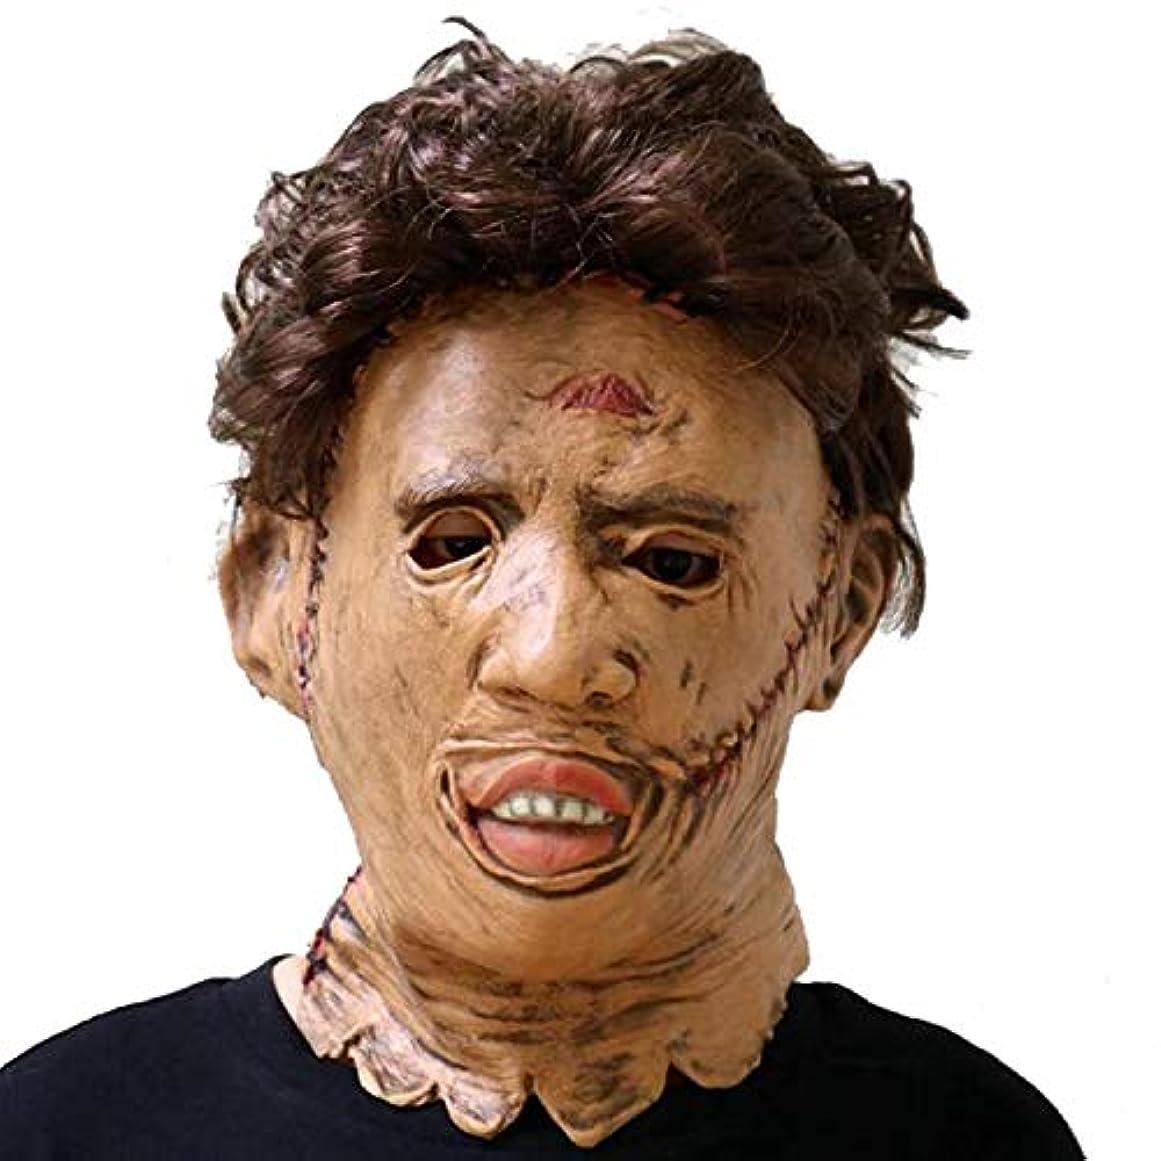 拘束するタイプ記録ハロウィーンマスクホラーチェーンソー殺人マスクマスクの映画の小道具バーKTVプロムラテックス帽子